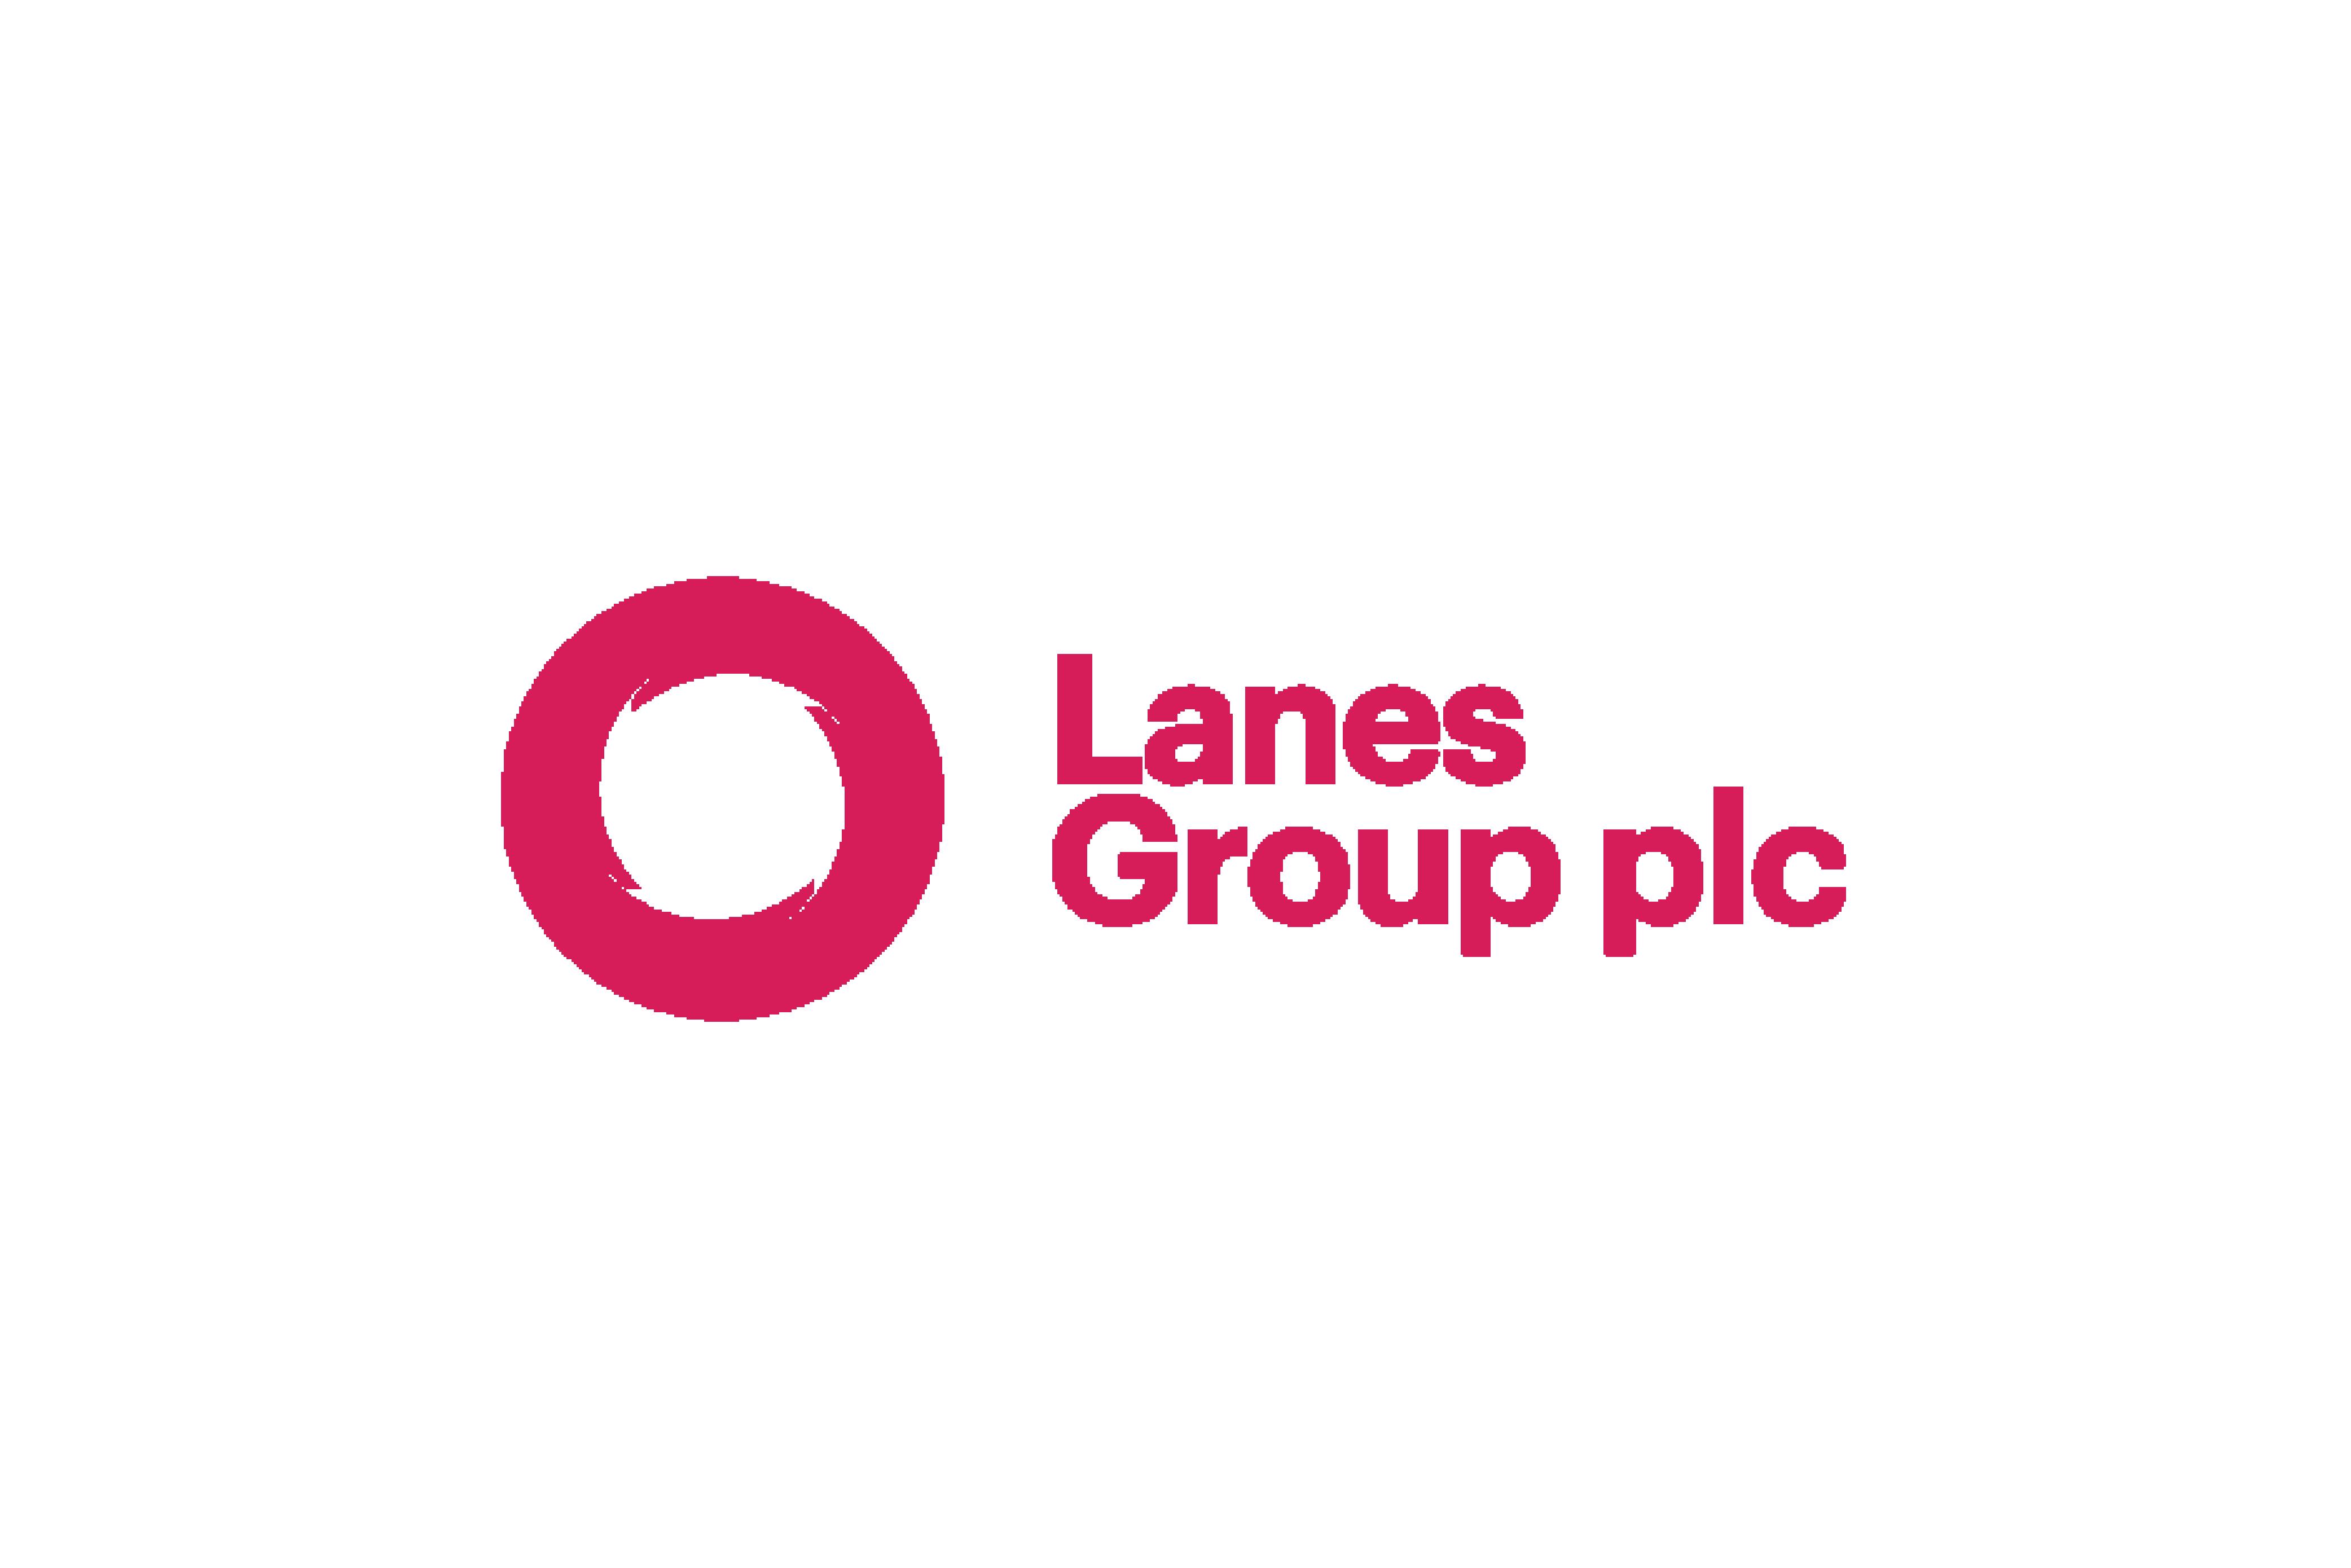 lanes group logo